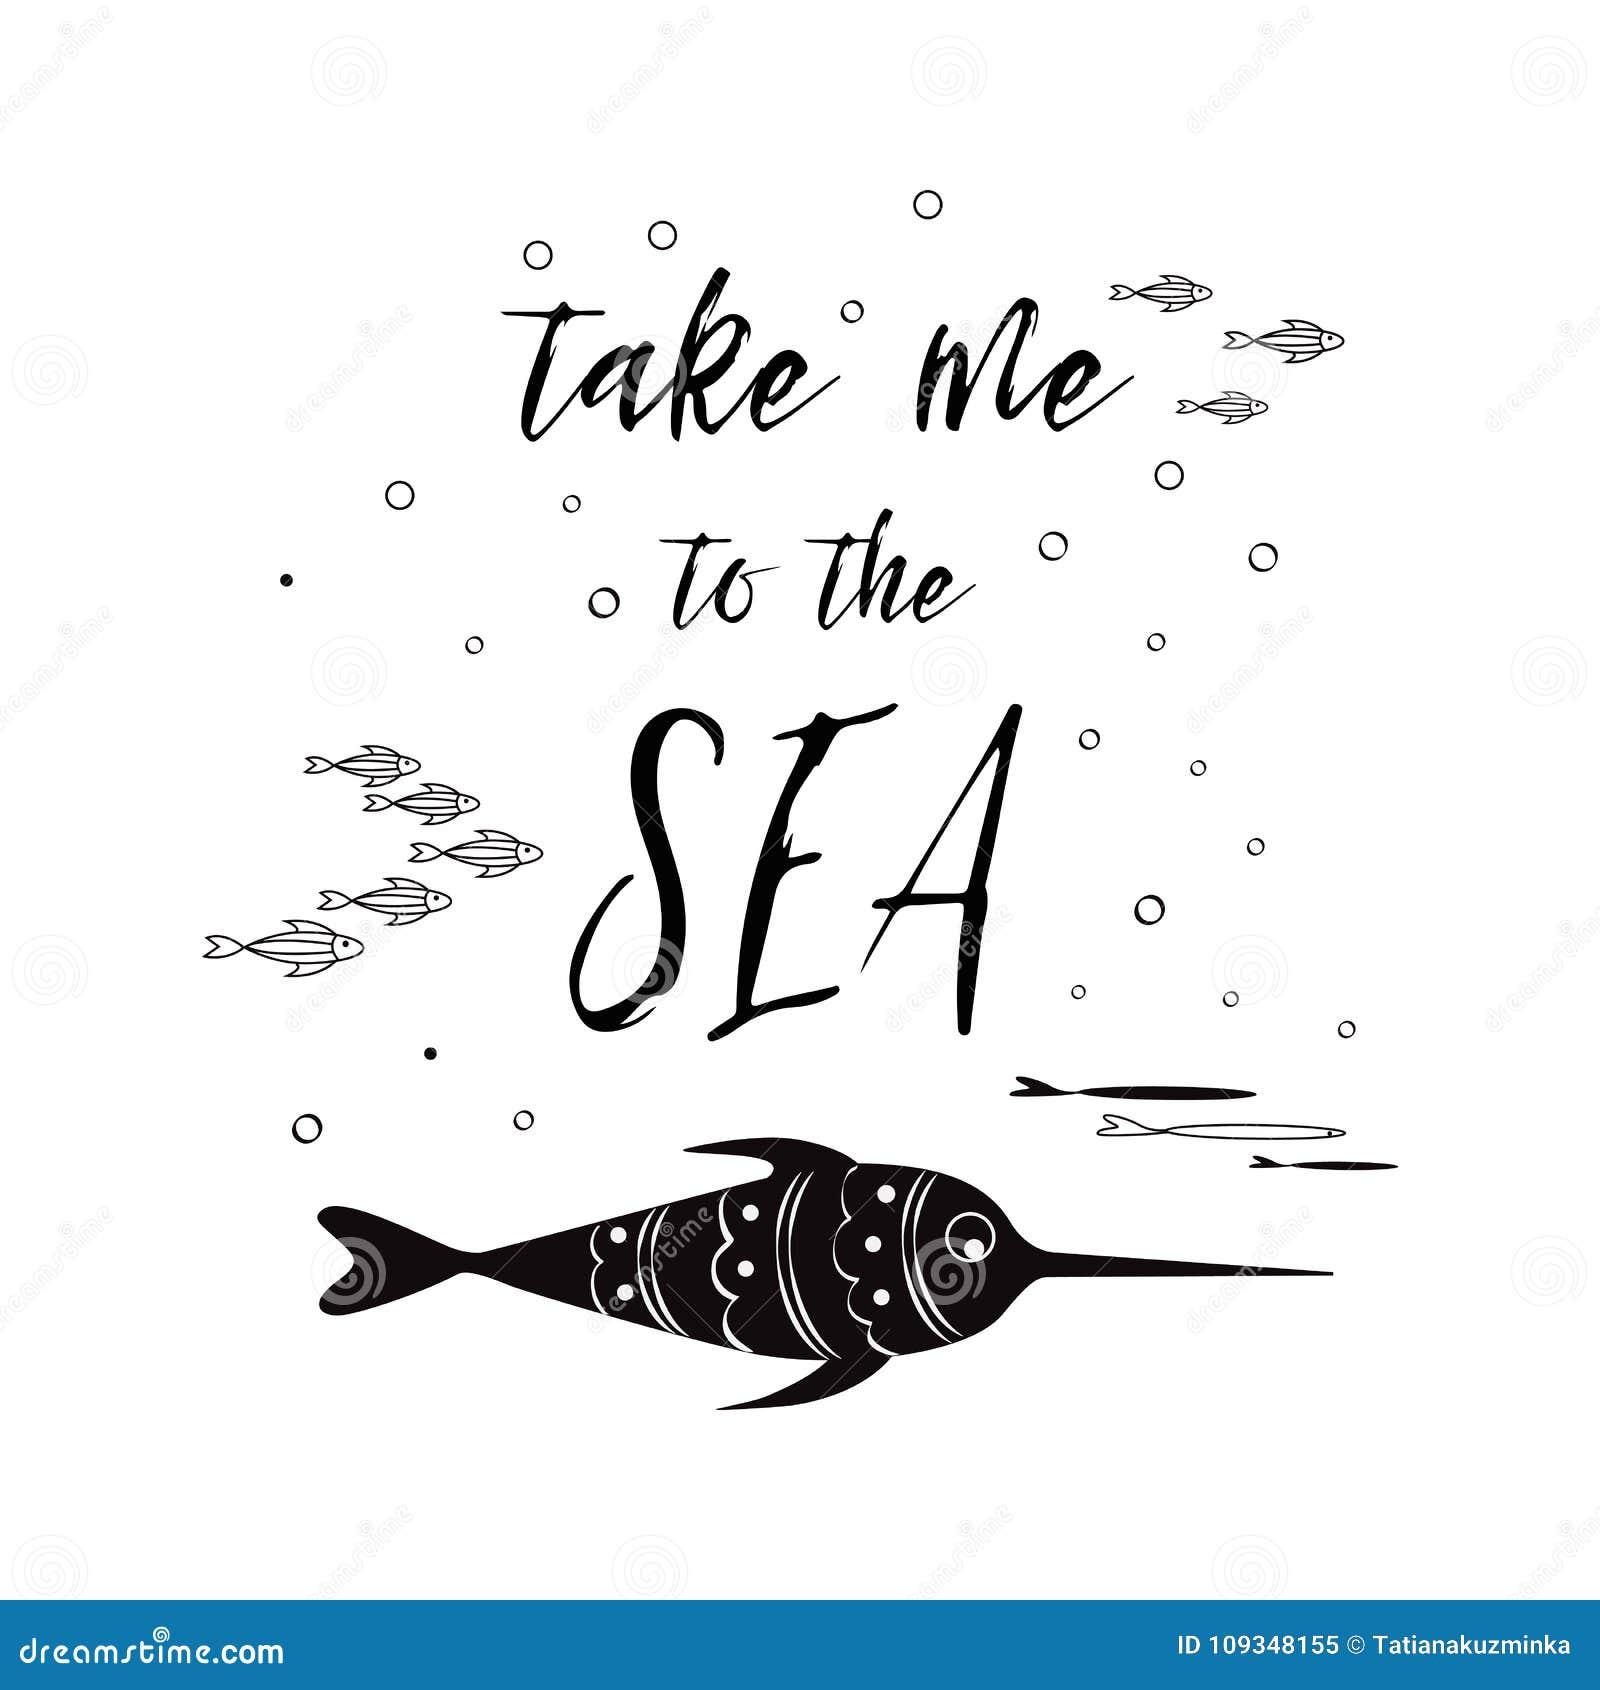 De overzeese affiche met overzeese vissenuitdrukking neemt me aan het overzees in het zwarte inspirational citaat van de kleuren